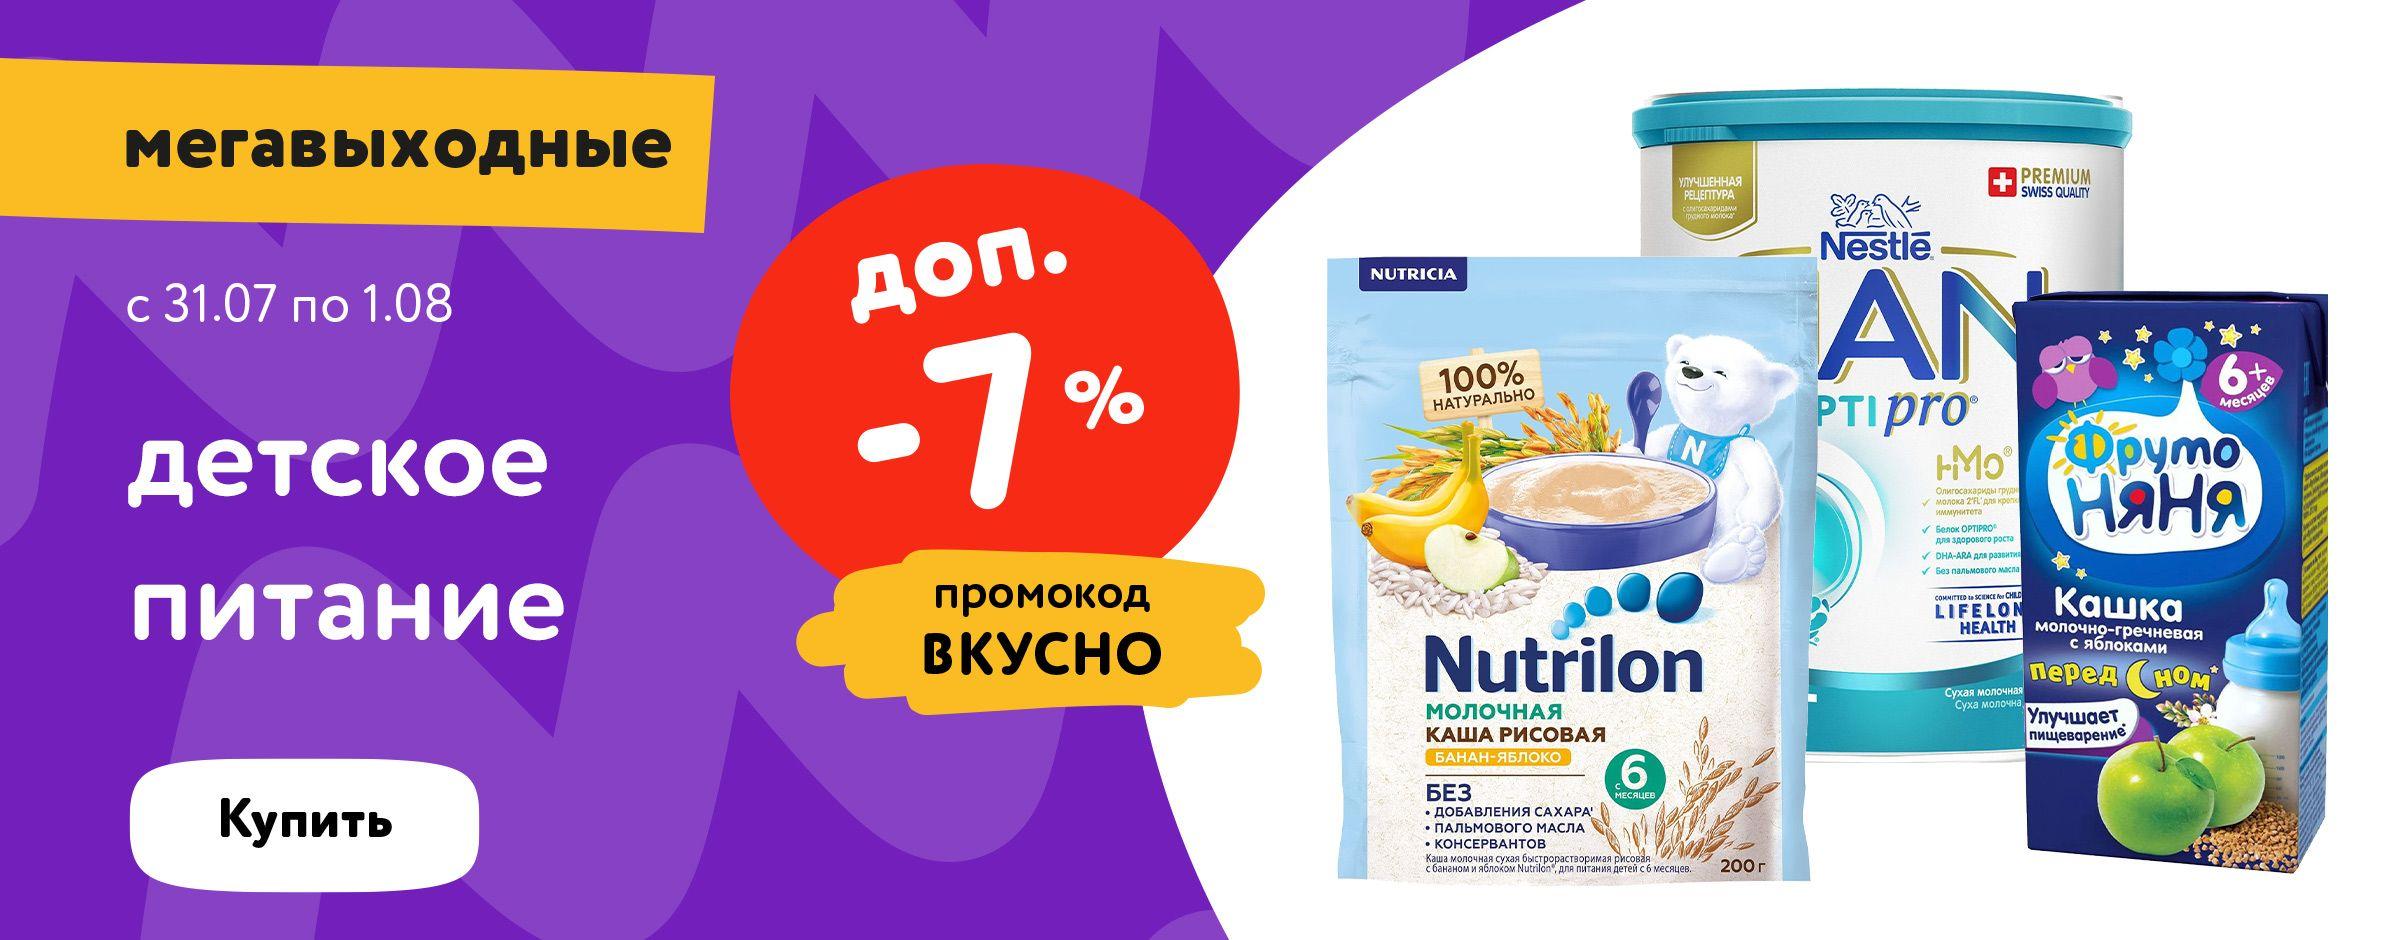 Мегавыходные 7% на питание ВКУСНО статика